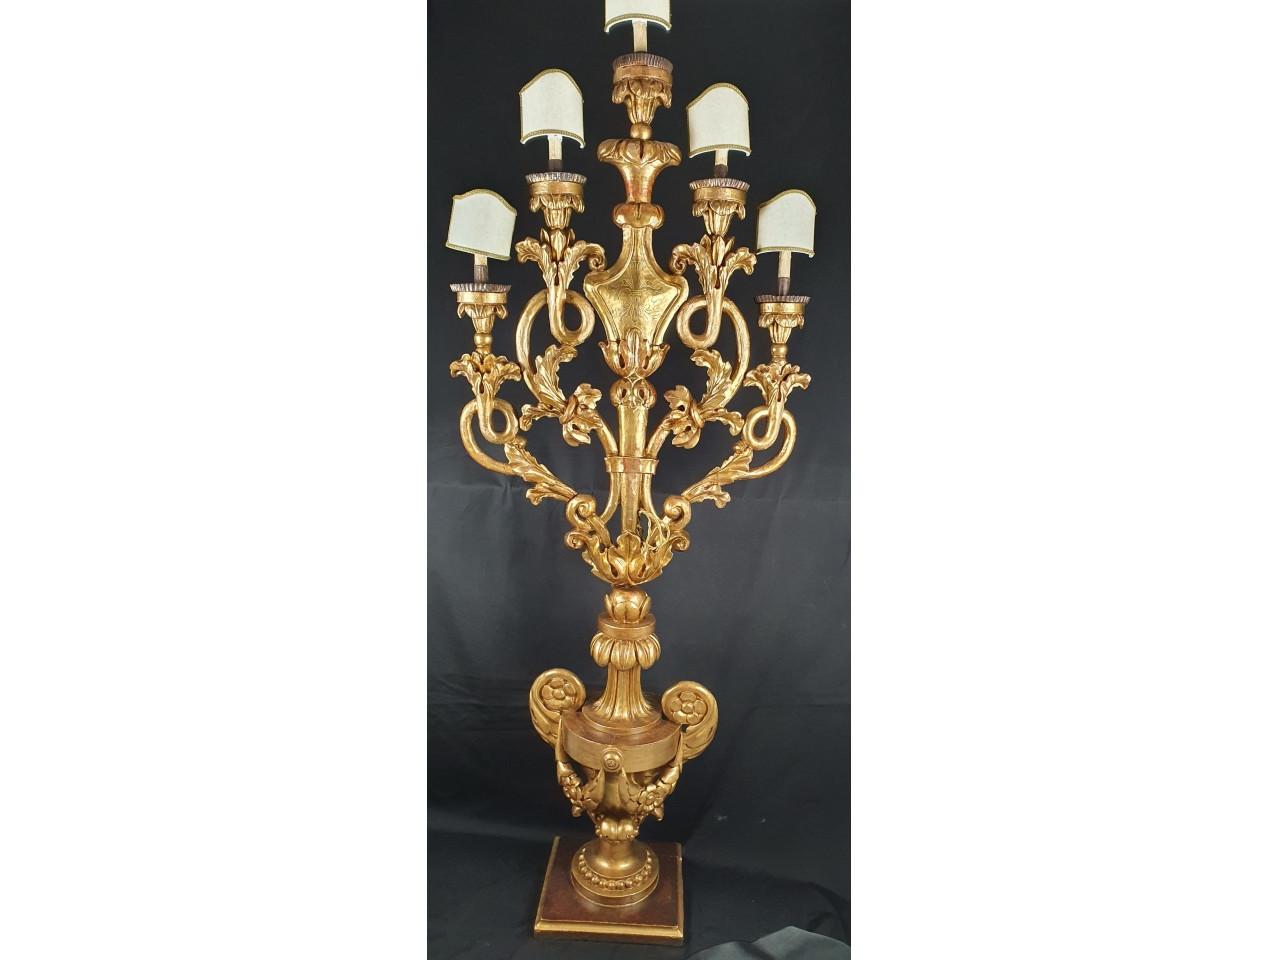 Candelabro in legno dorato del XVIII secolo -Antichità Ioviero